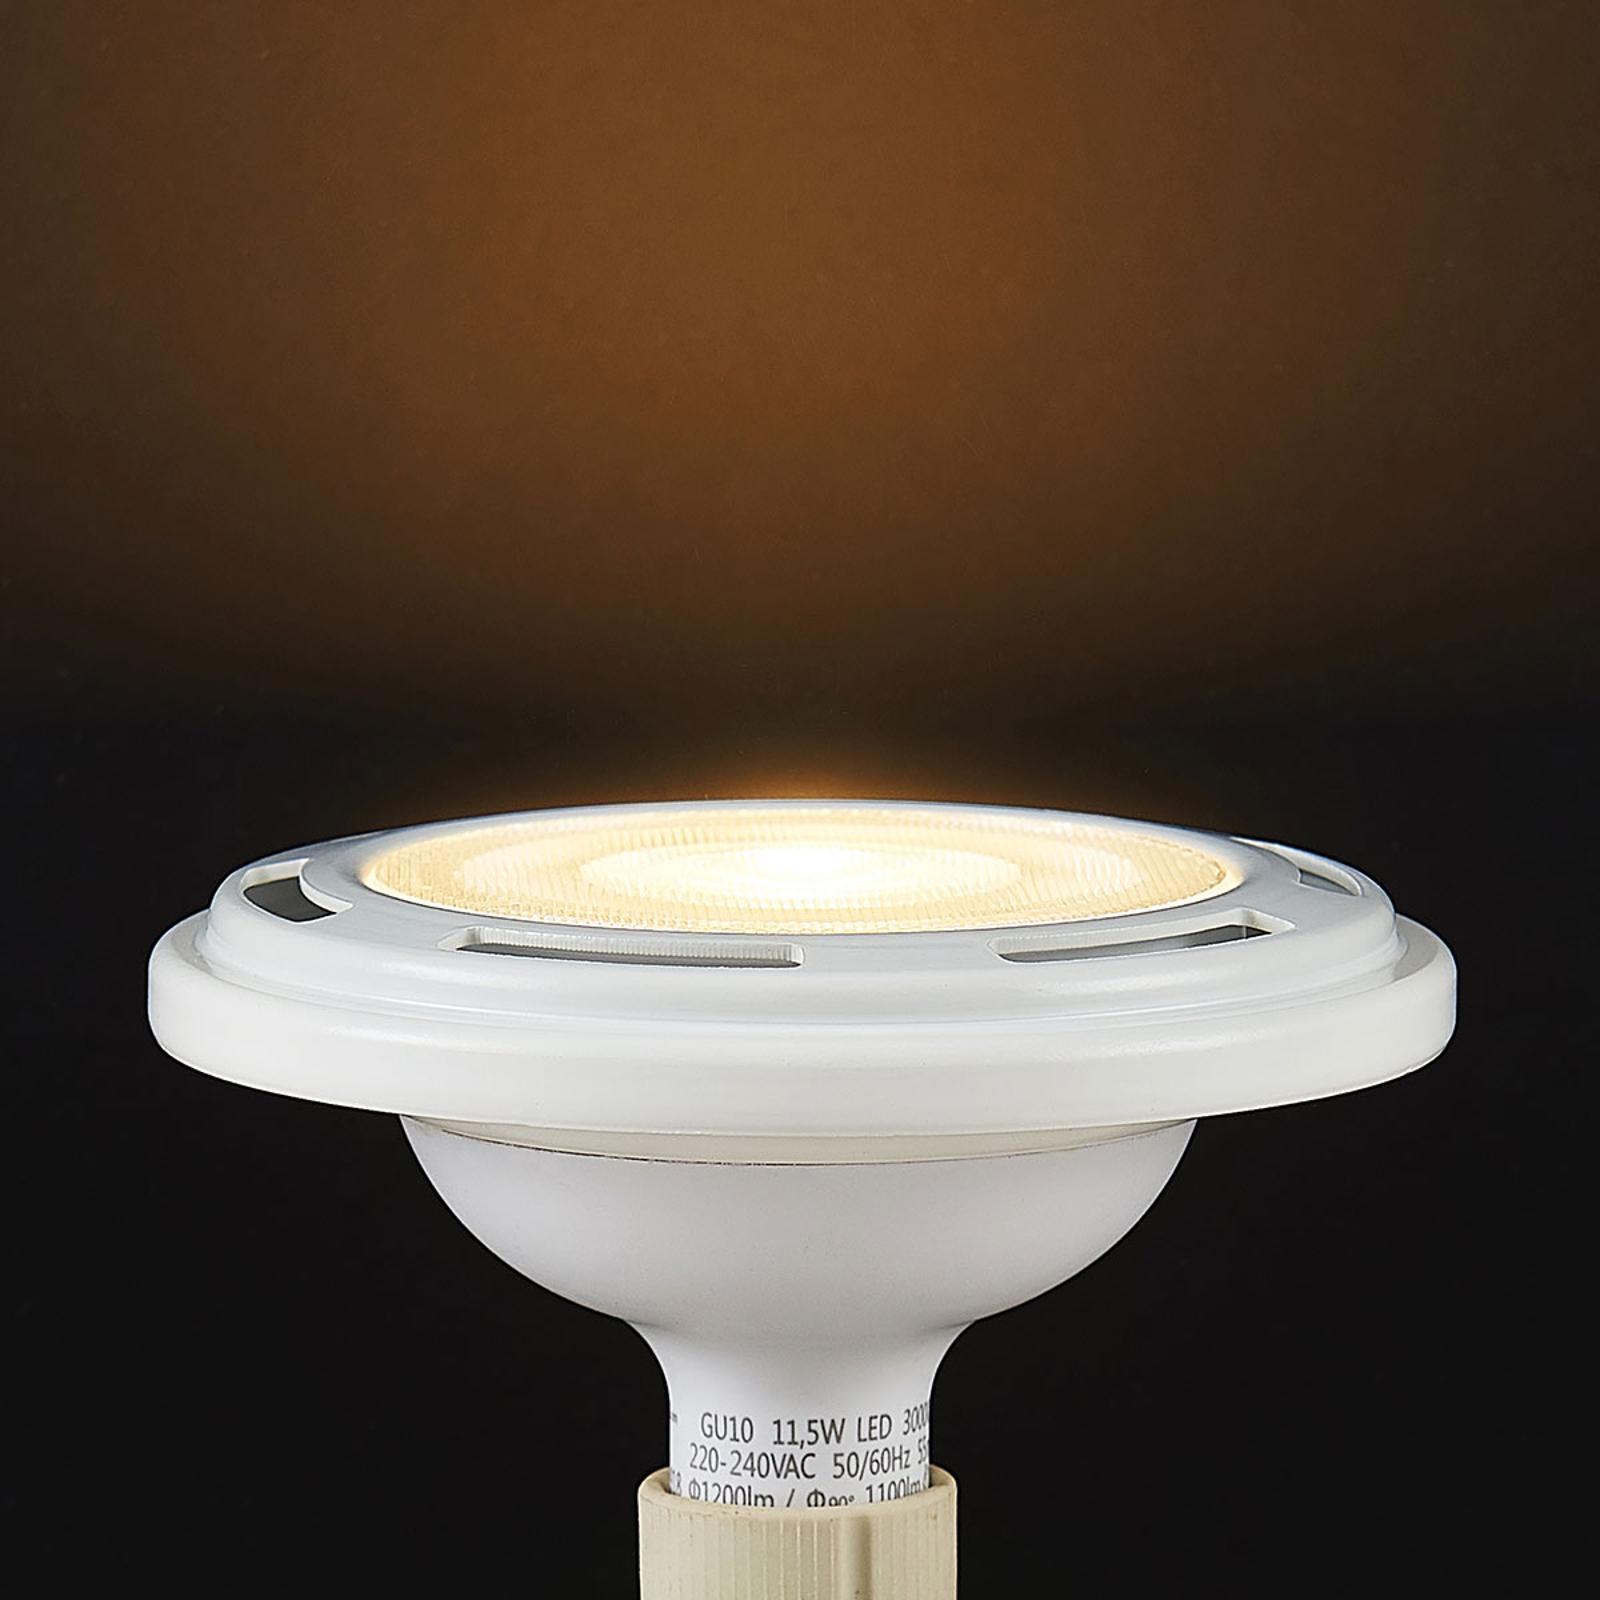 LED-Reflektor GU10 ES111 11,5W dimmbar 3.000K weiß